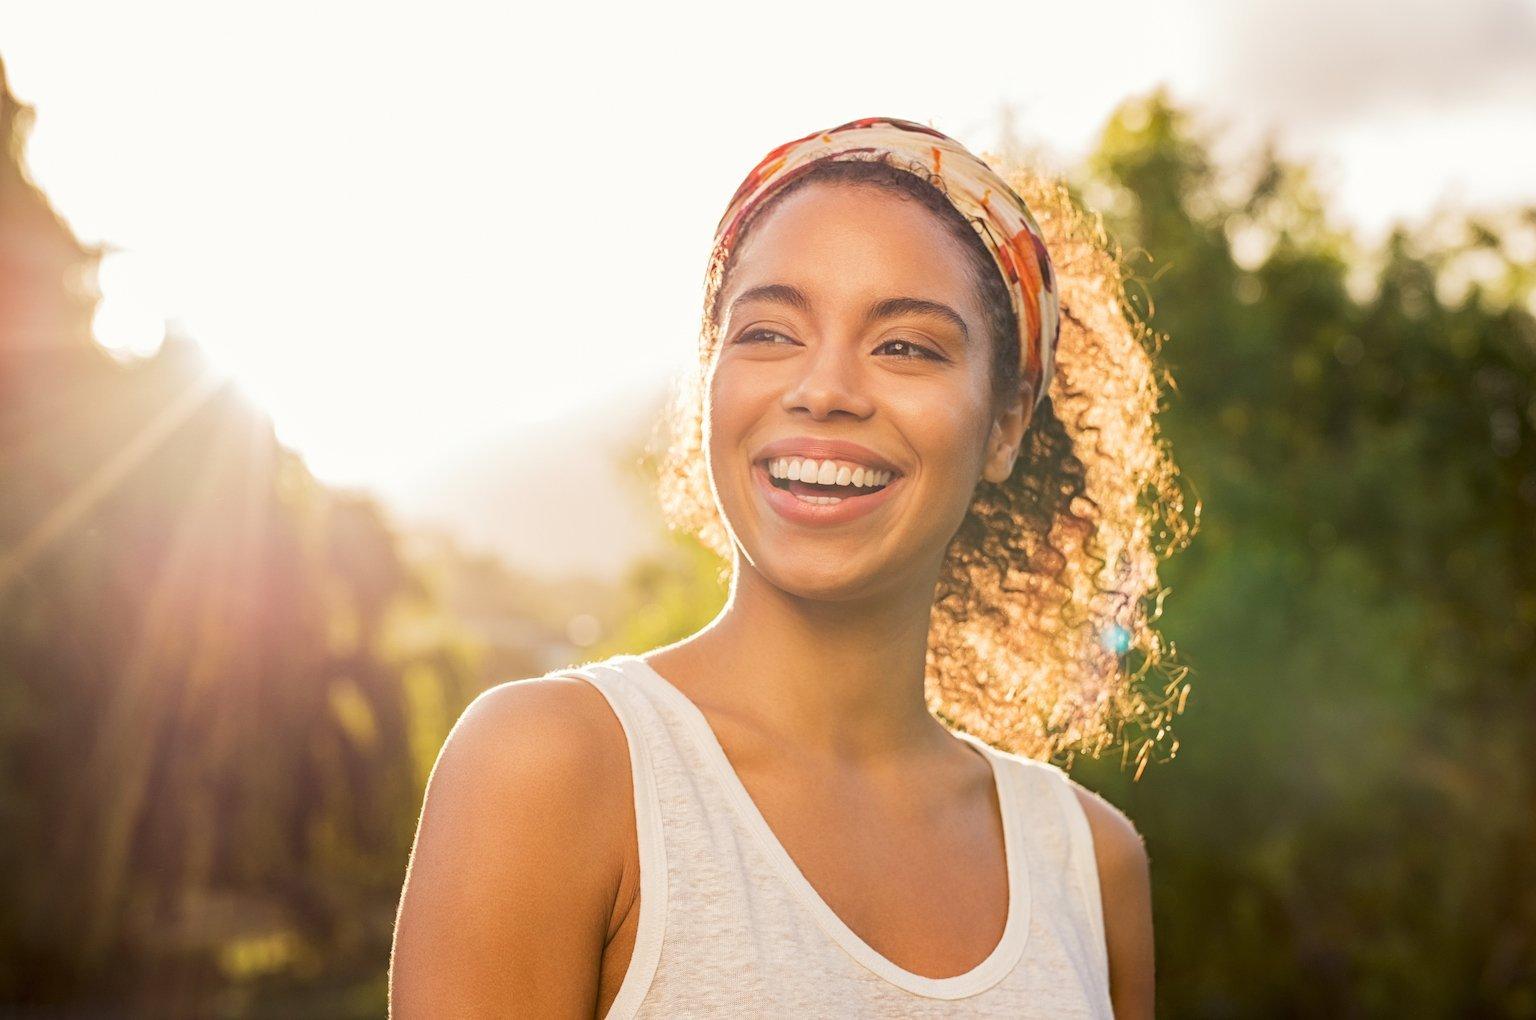 Is gelukkig zijn genetisch bepaald? | Geluk zit deels in je genen